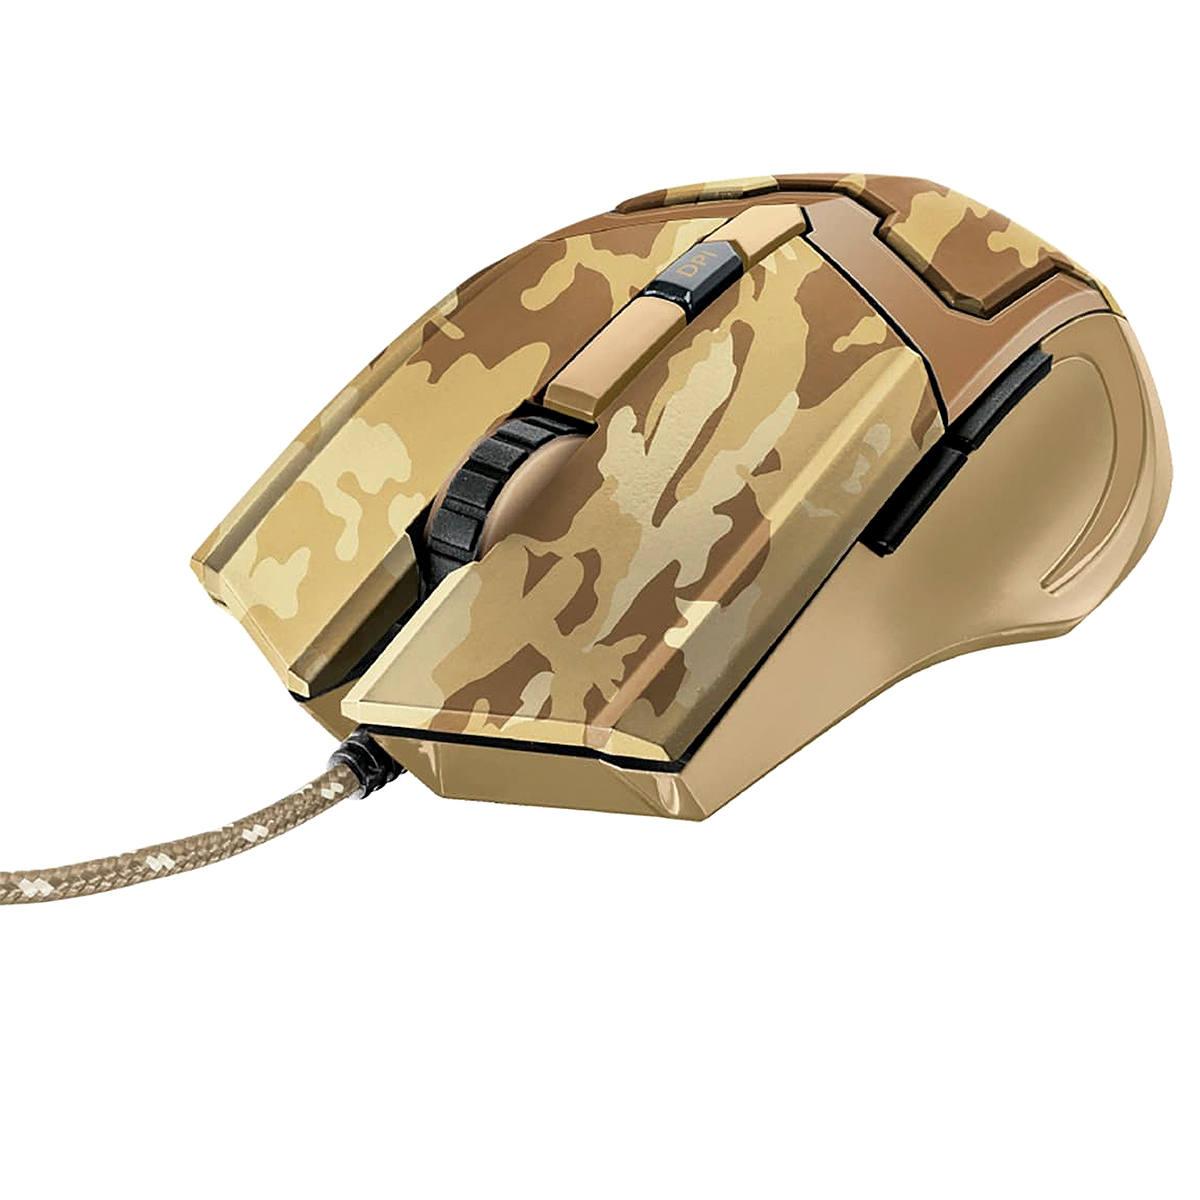 Mouse Gamer com Fio 4800 DPI Precisão para Jogos 6 Botões Trust GXT 101D GAV Desert Camuflado